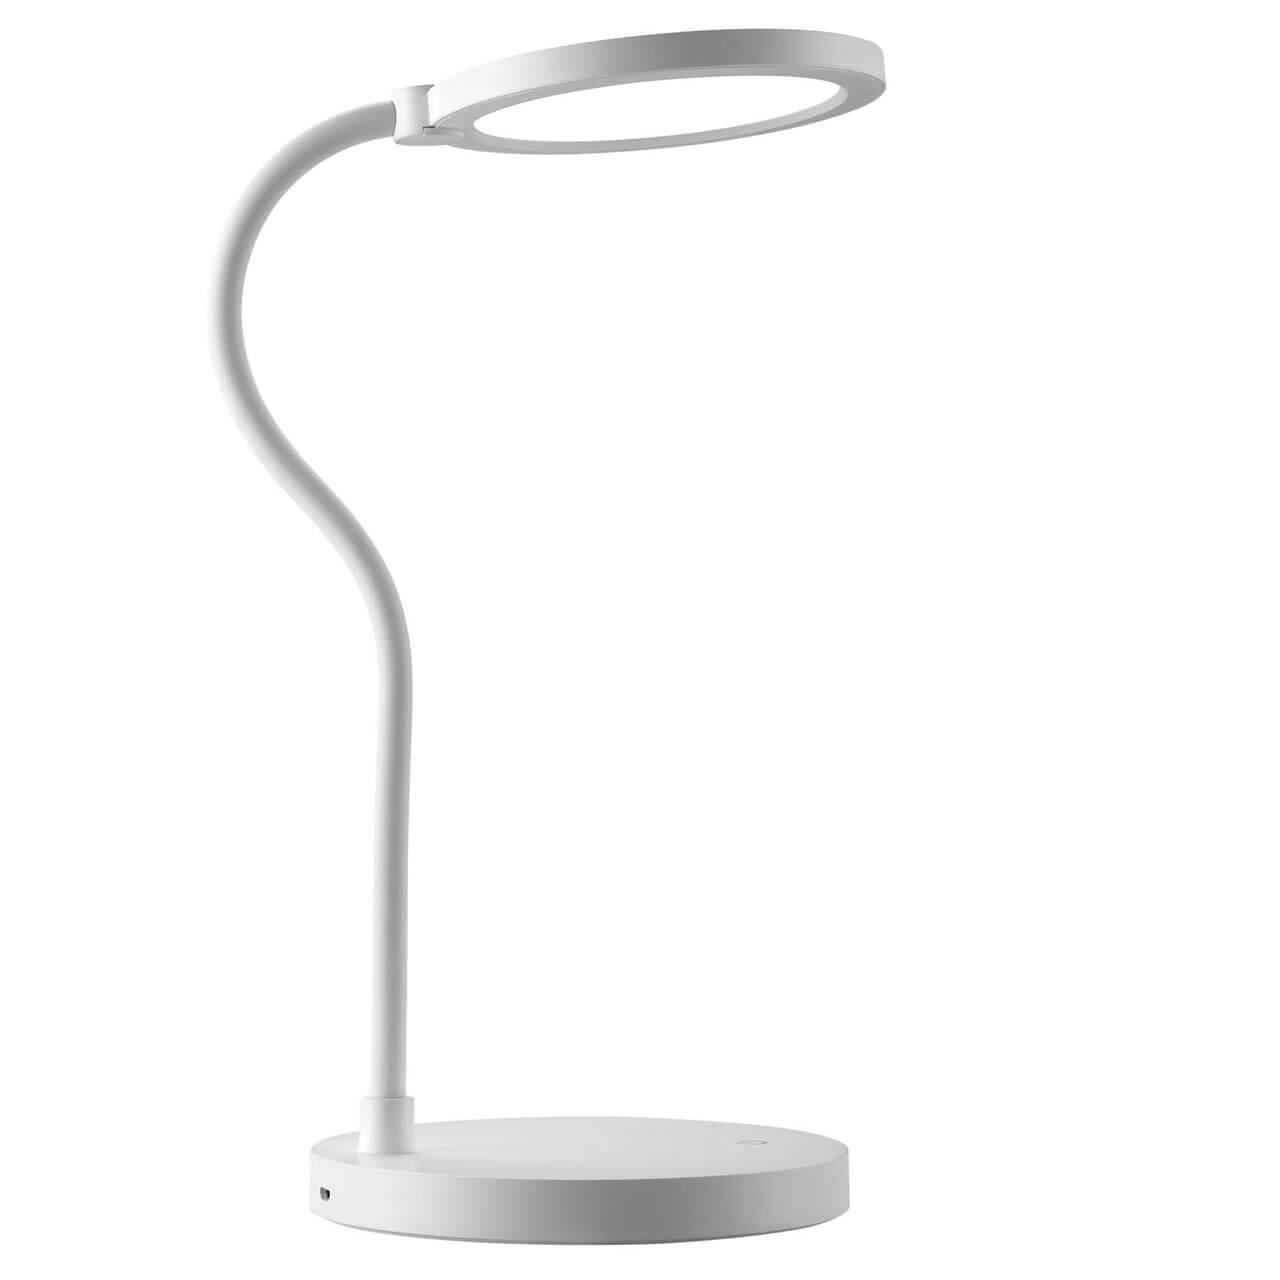 Настольная лампа Uniel TLD-553 White/LED/400Lm/4500K/Dimmer/USB TLD-553 (Сенсорное управление) настольная лампа uniel tld 524 black led 500lm 4500k dimmer tld 524 сенсорное управление